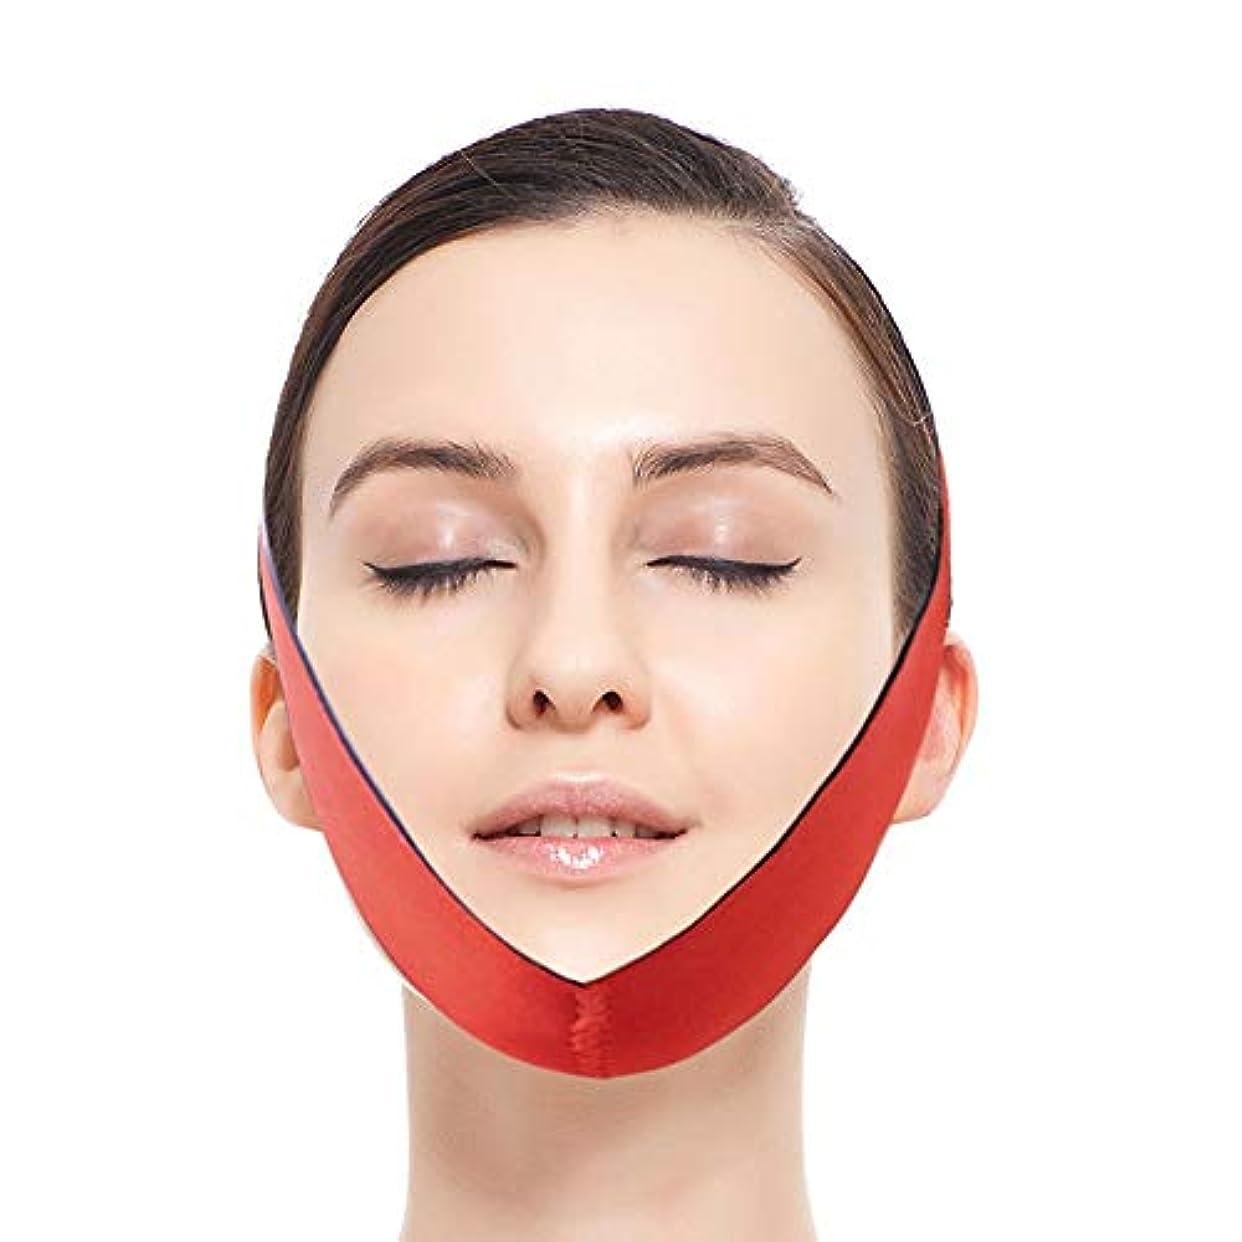 フェイスリフティングアーティファクトVフェイス包帯マスクダブルあご引き締め顔薄い咬傷筋肉下顎矯正顔